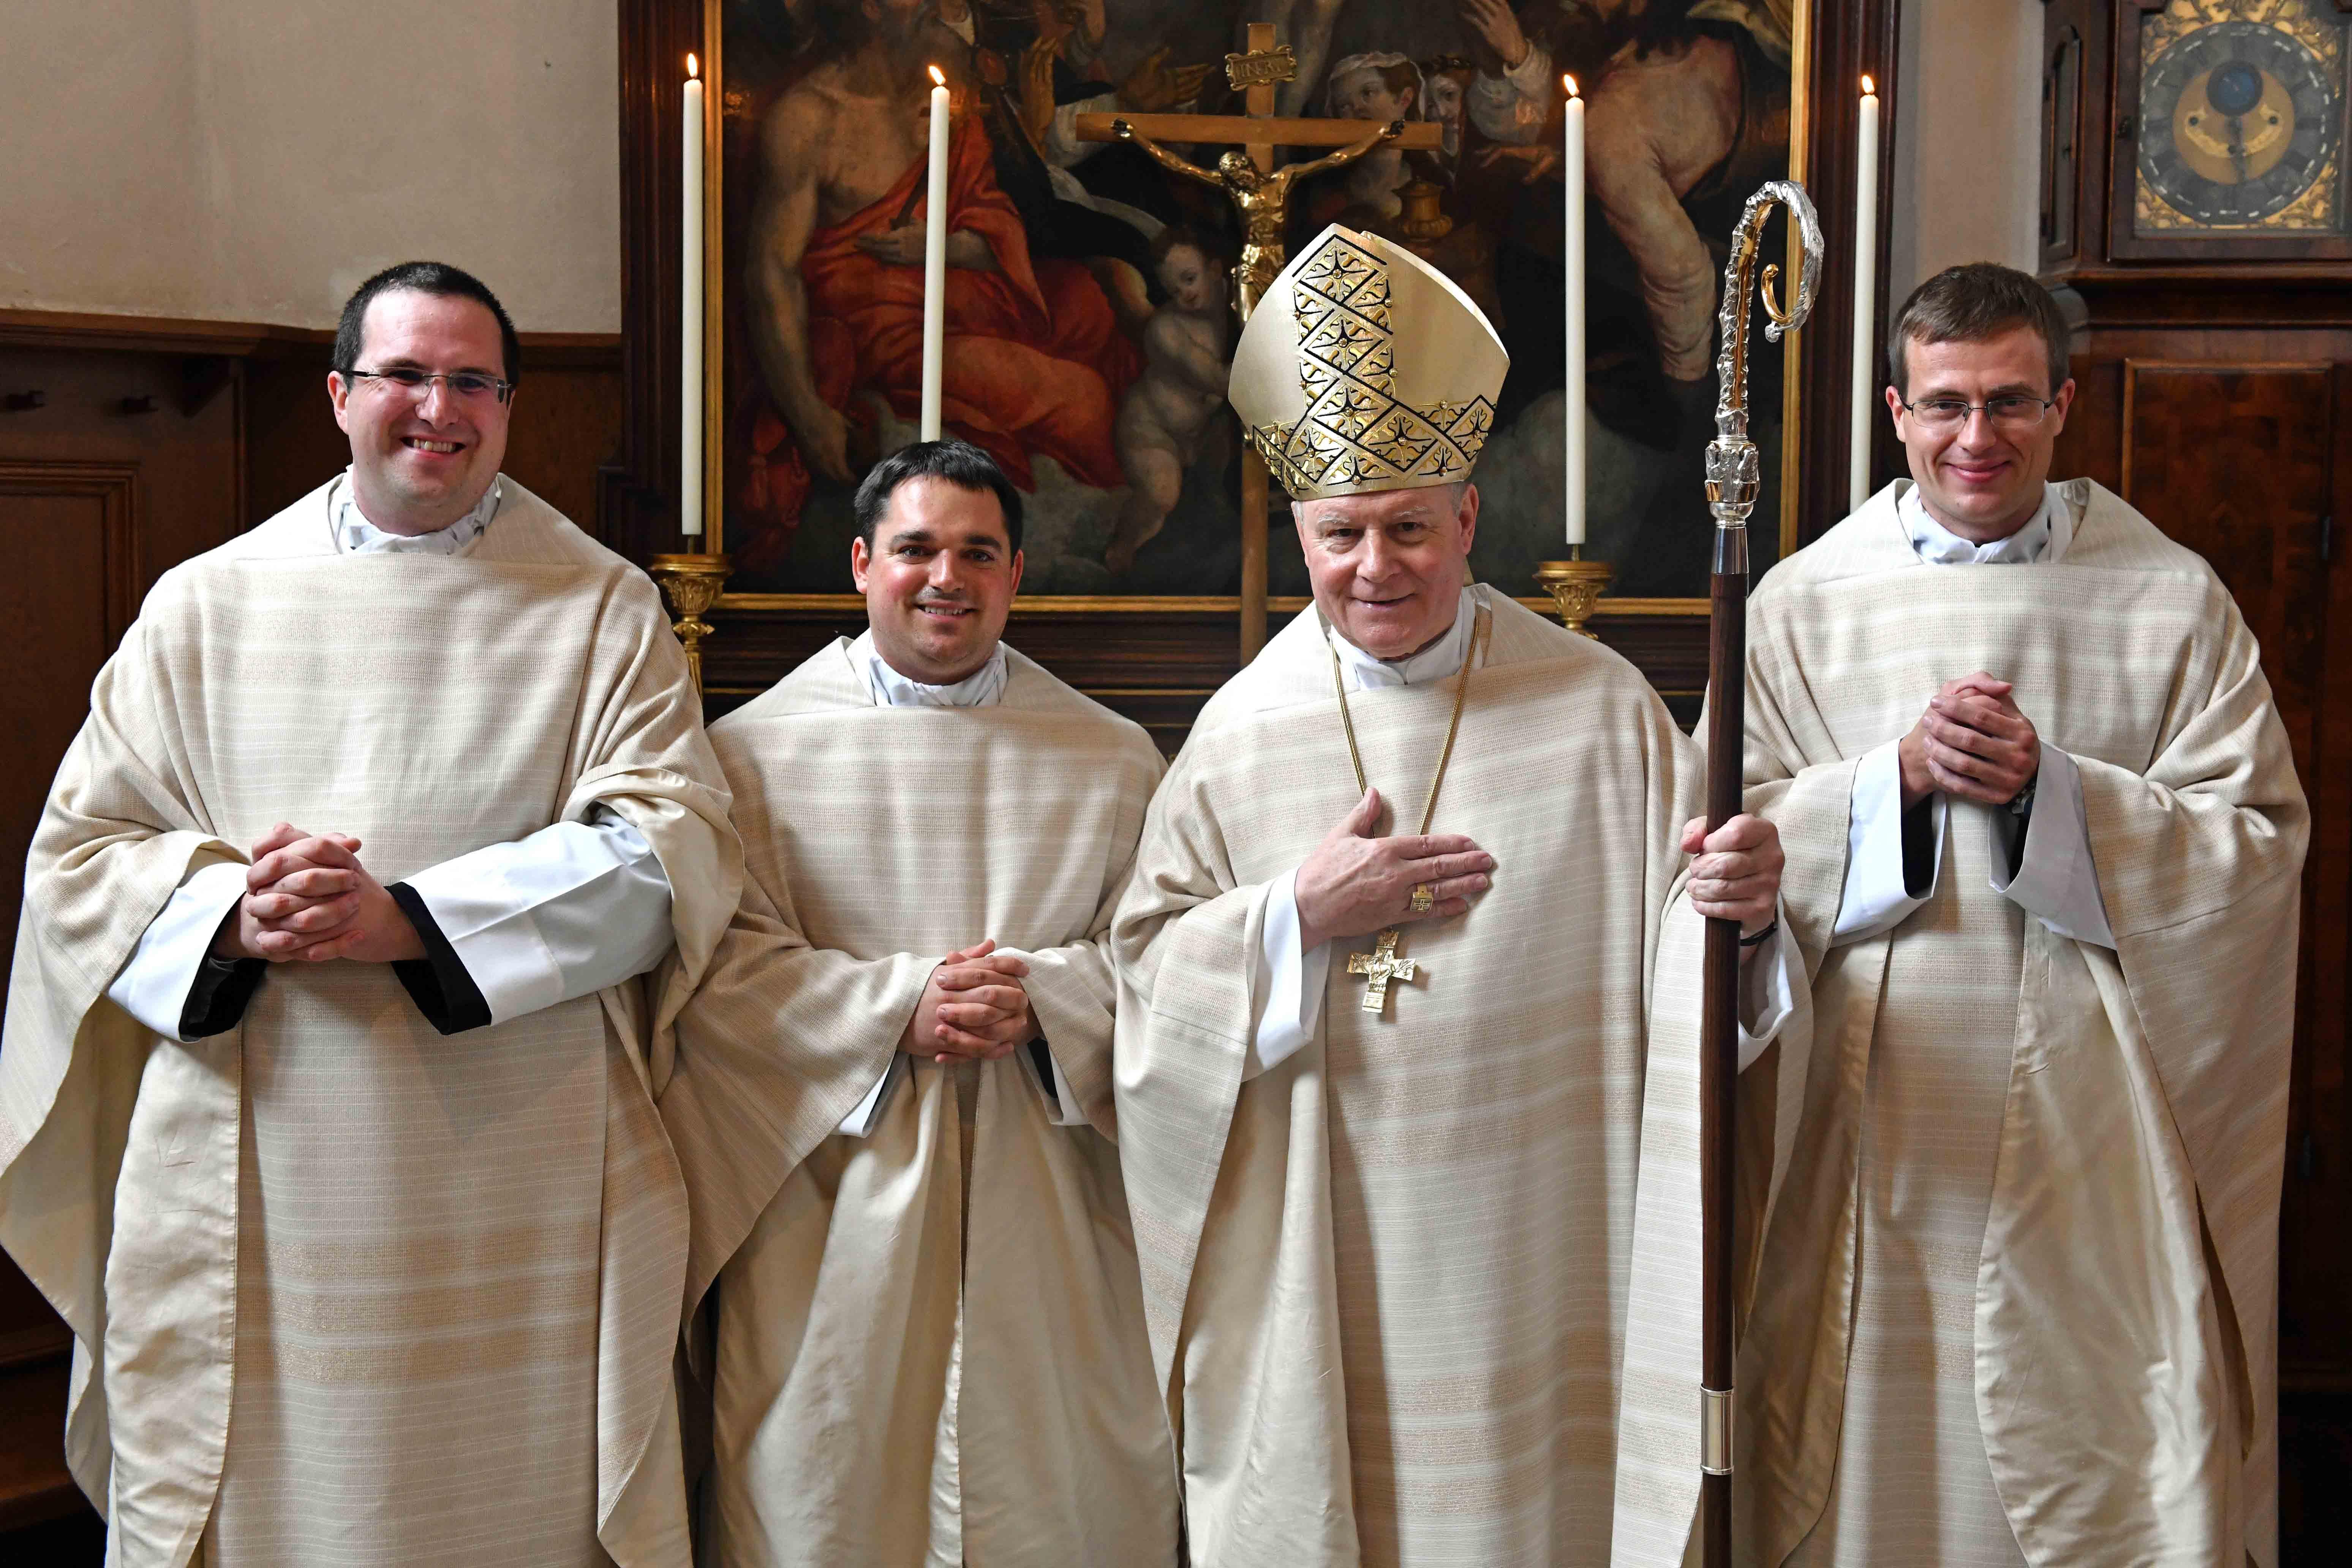 Nach der Weihe: Die drei Neu-Priester (v.l.) Simon Fleischmann, André Harder und Tobias Seyfried zusammen mit Bischof Dr. Konrad Zdarsa. (Foto: Nicolas Schnall / pba)